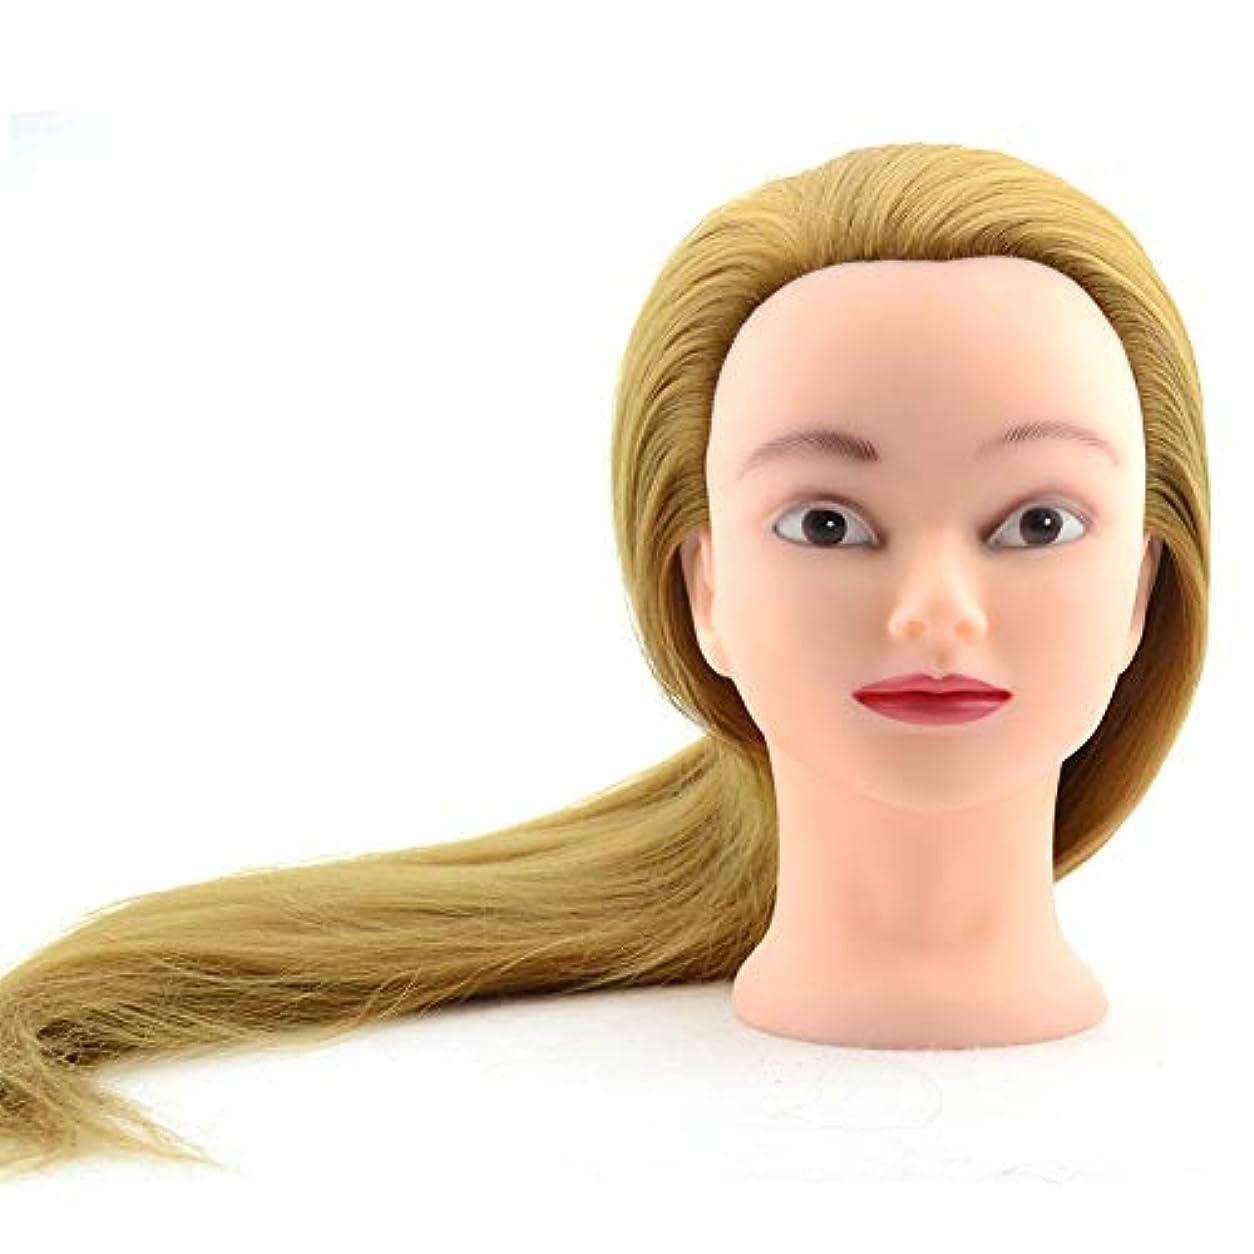 弁護士局理論的化学繊維ウィッグモデルヘッド理髪店学習ゴールデンヘアーダミーヘッドブライダルメイクスタイリングエクササイズヘッドモード